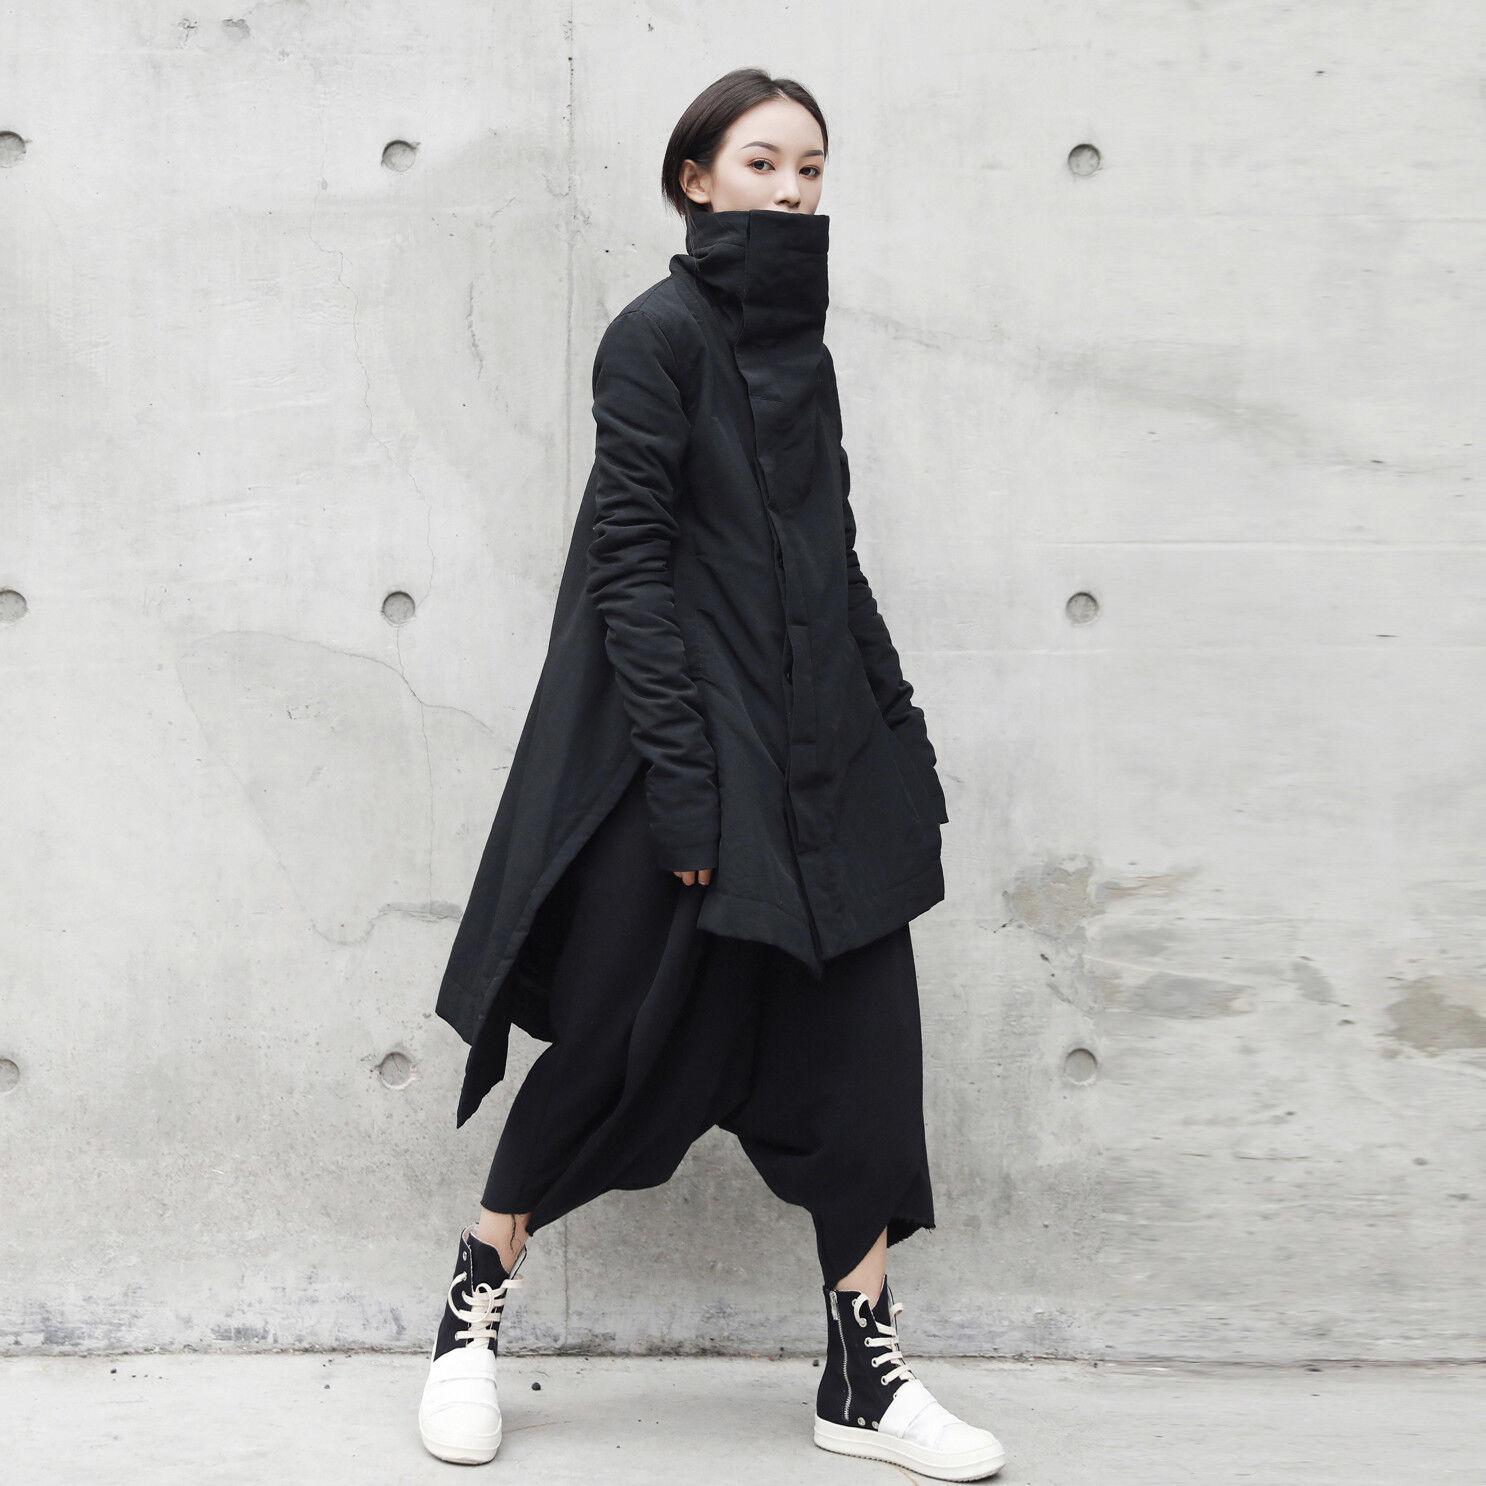 Manteau Matelassé Mode Femme Duvet Manteau Lumière black Veste Slim F591